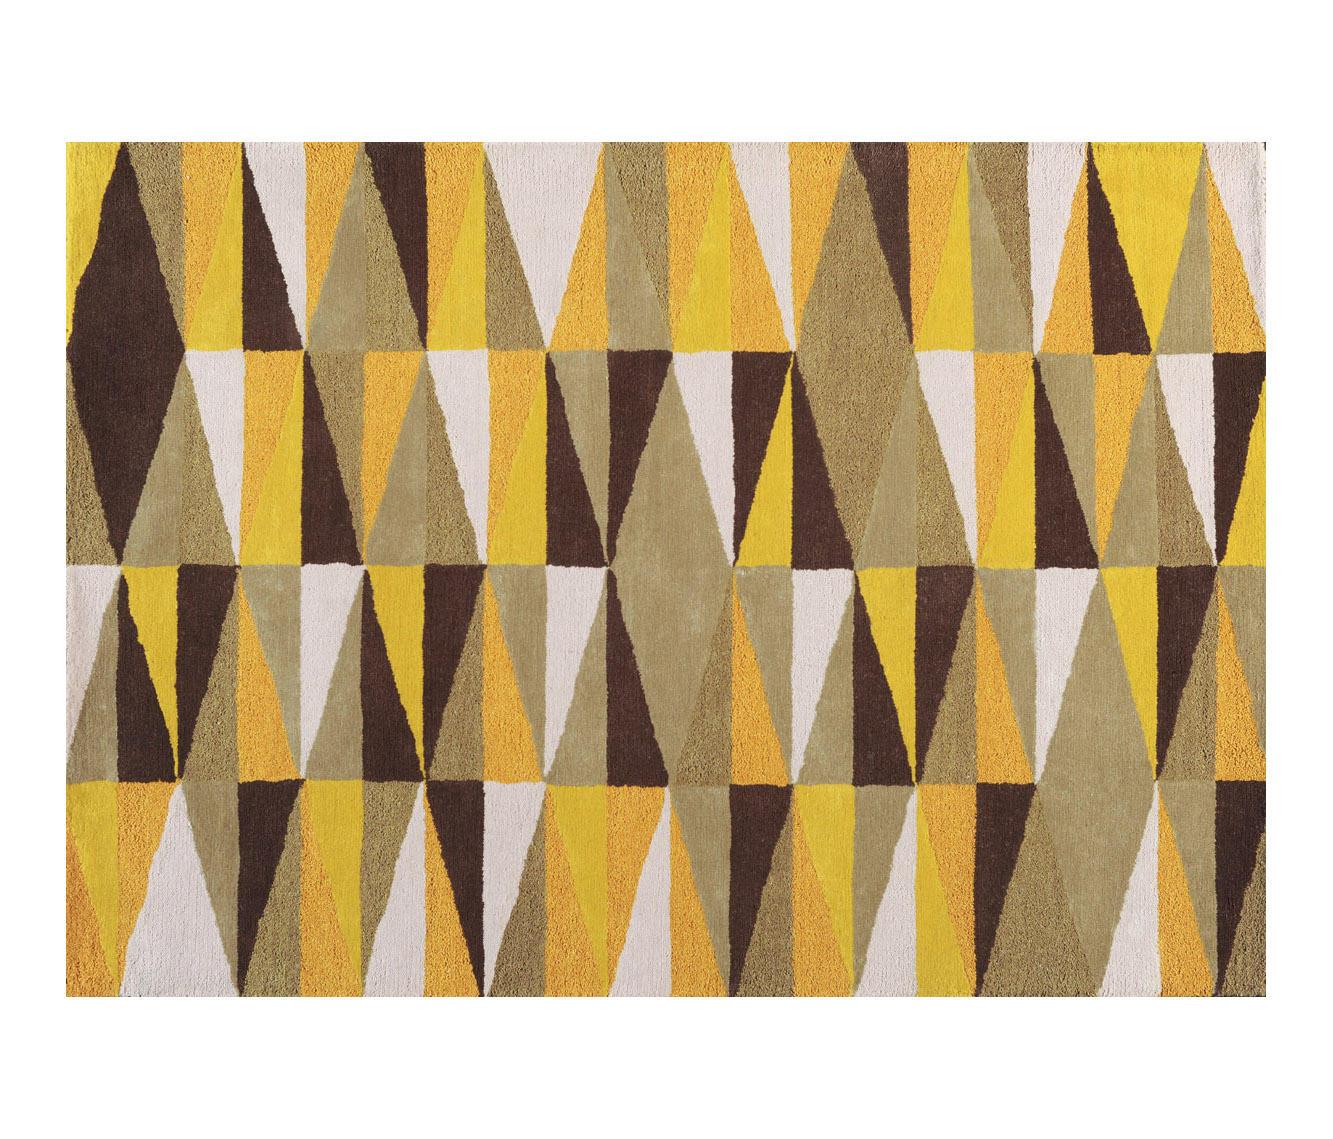 Awesome dansk automne de toulemonde bochart tapis tapis - Tapis toulemonde bochart soldes ...